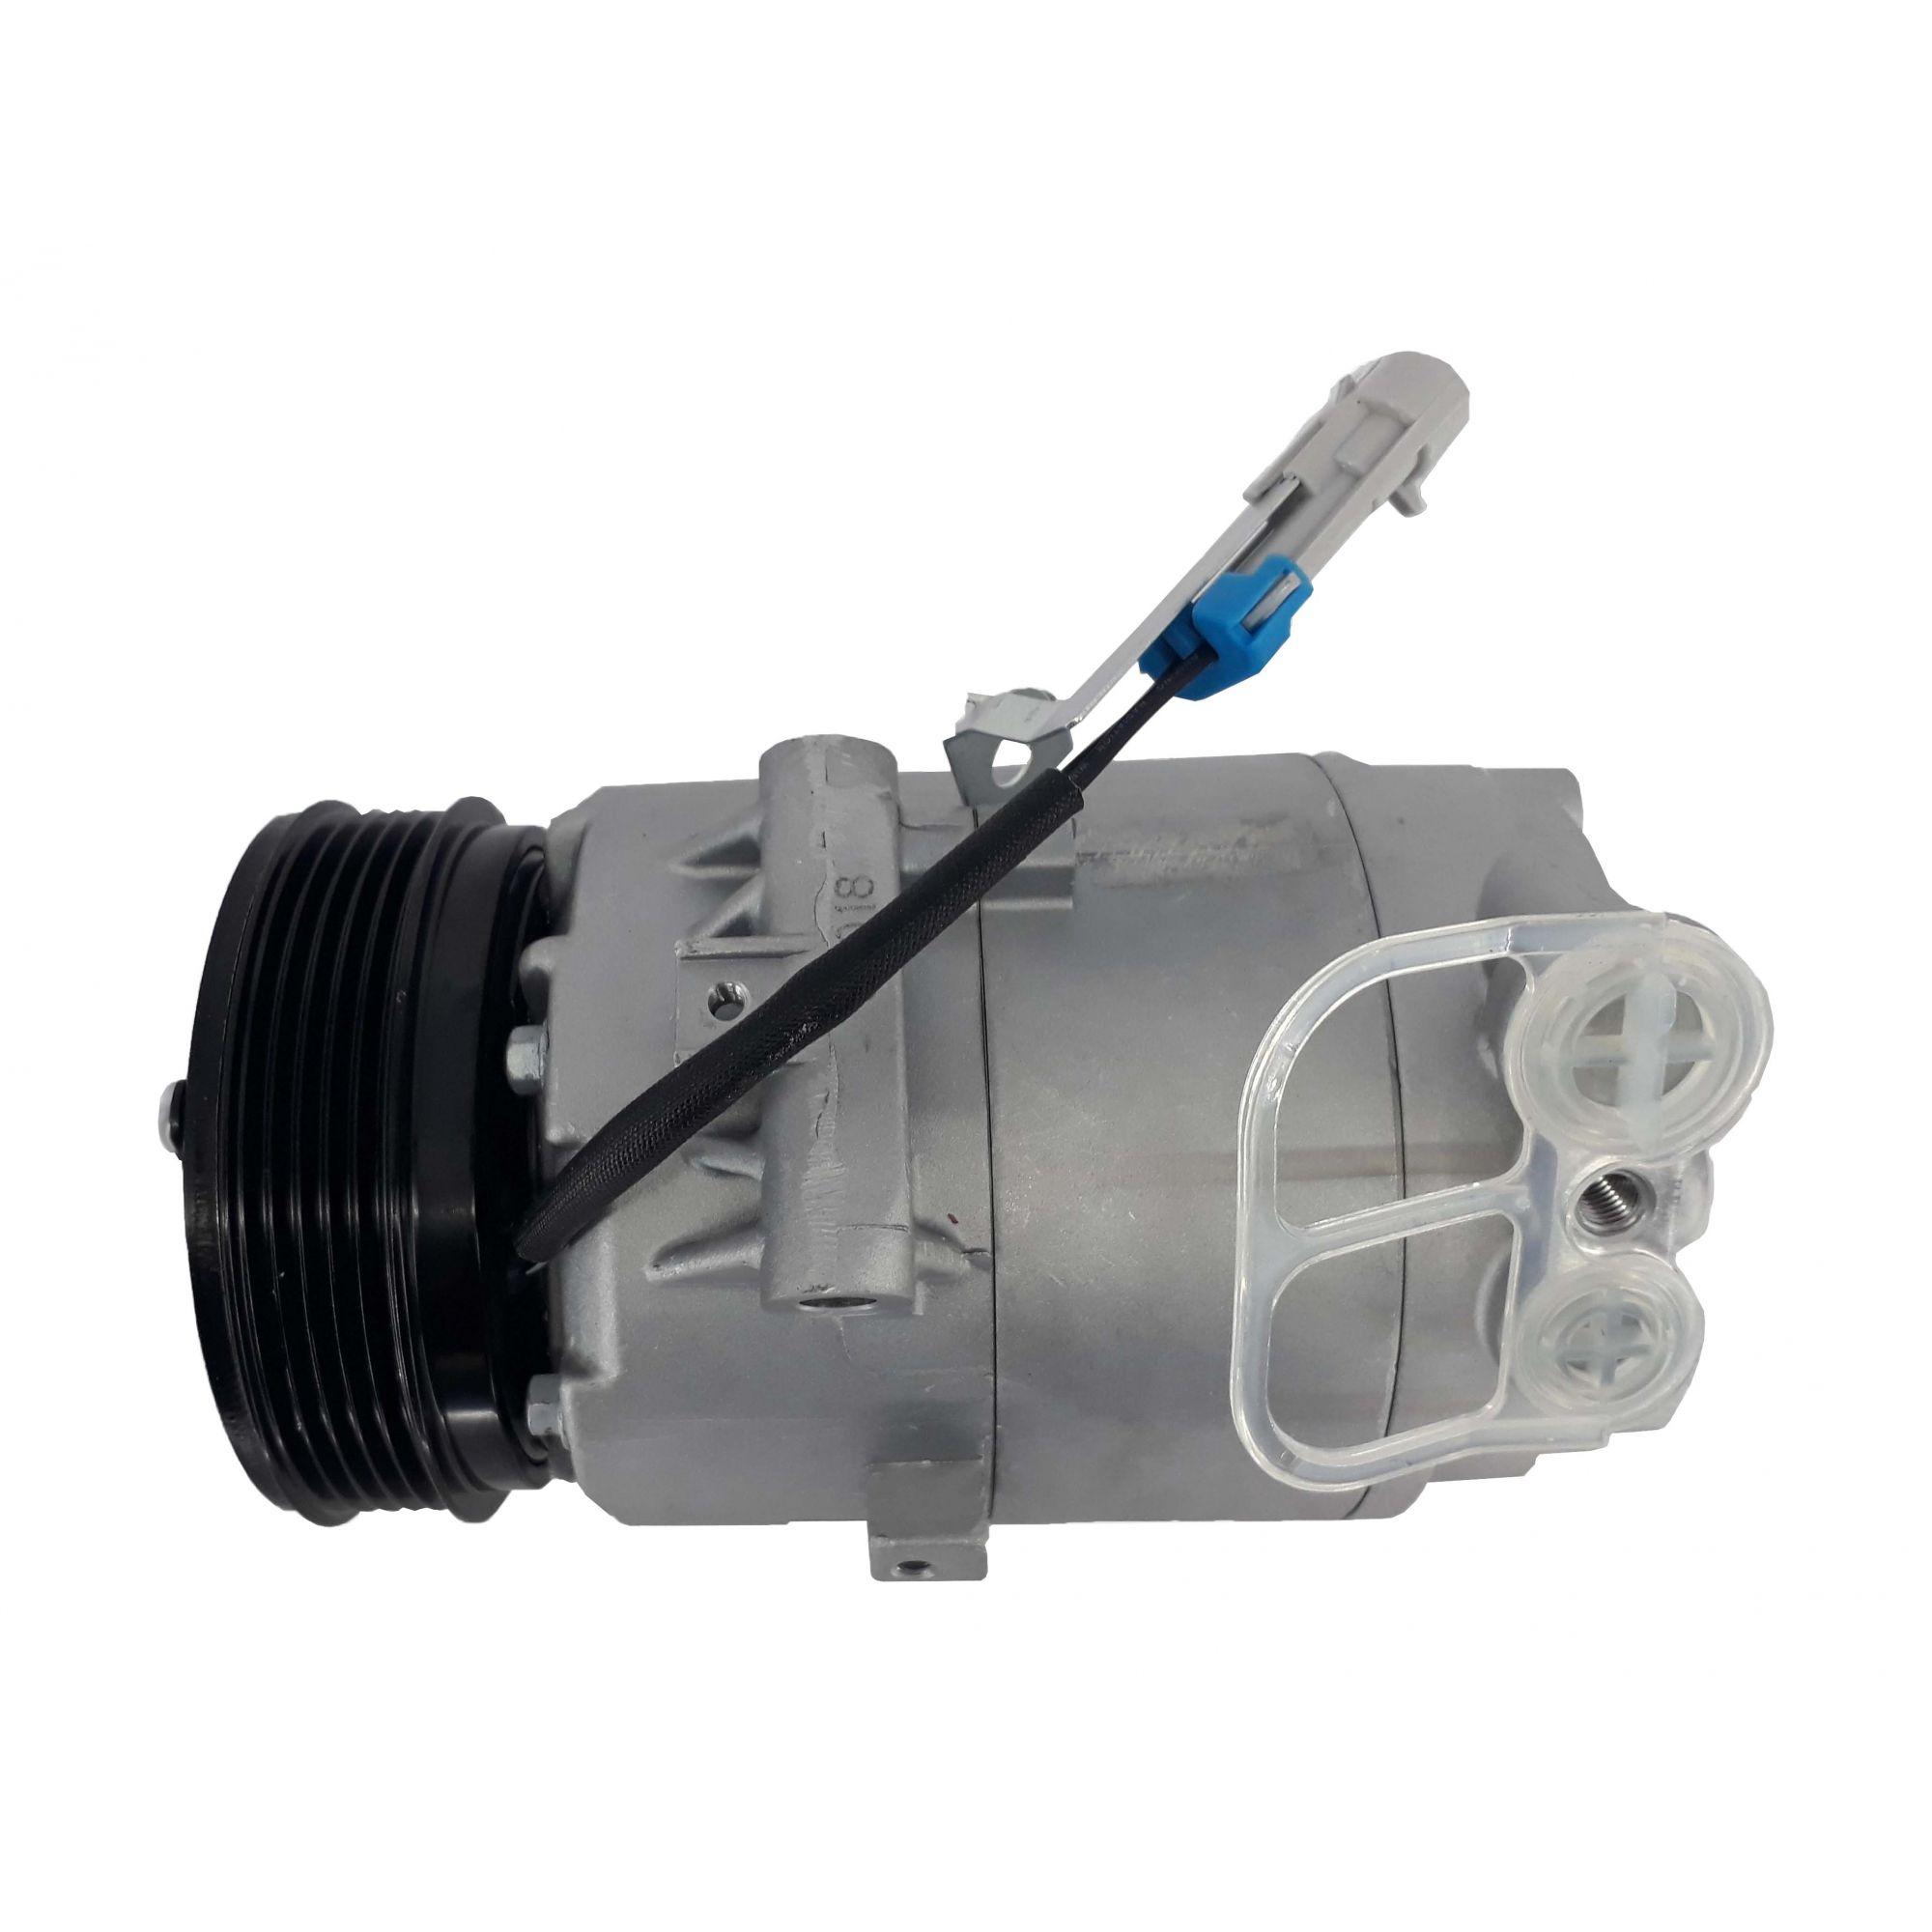 Compressor Agile - Montana 1.4 - Original DELPHI